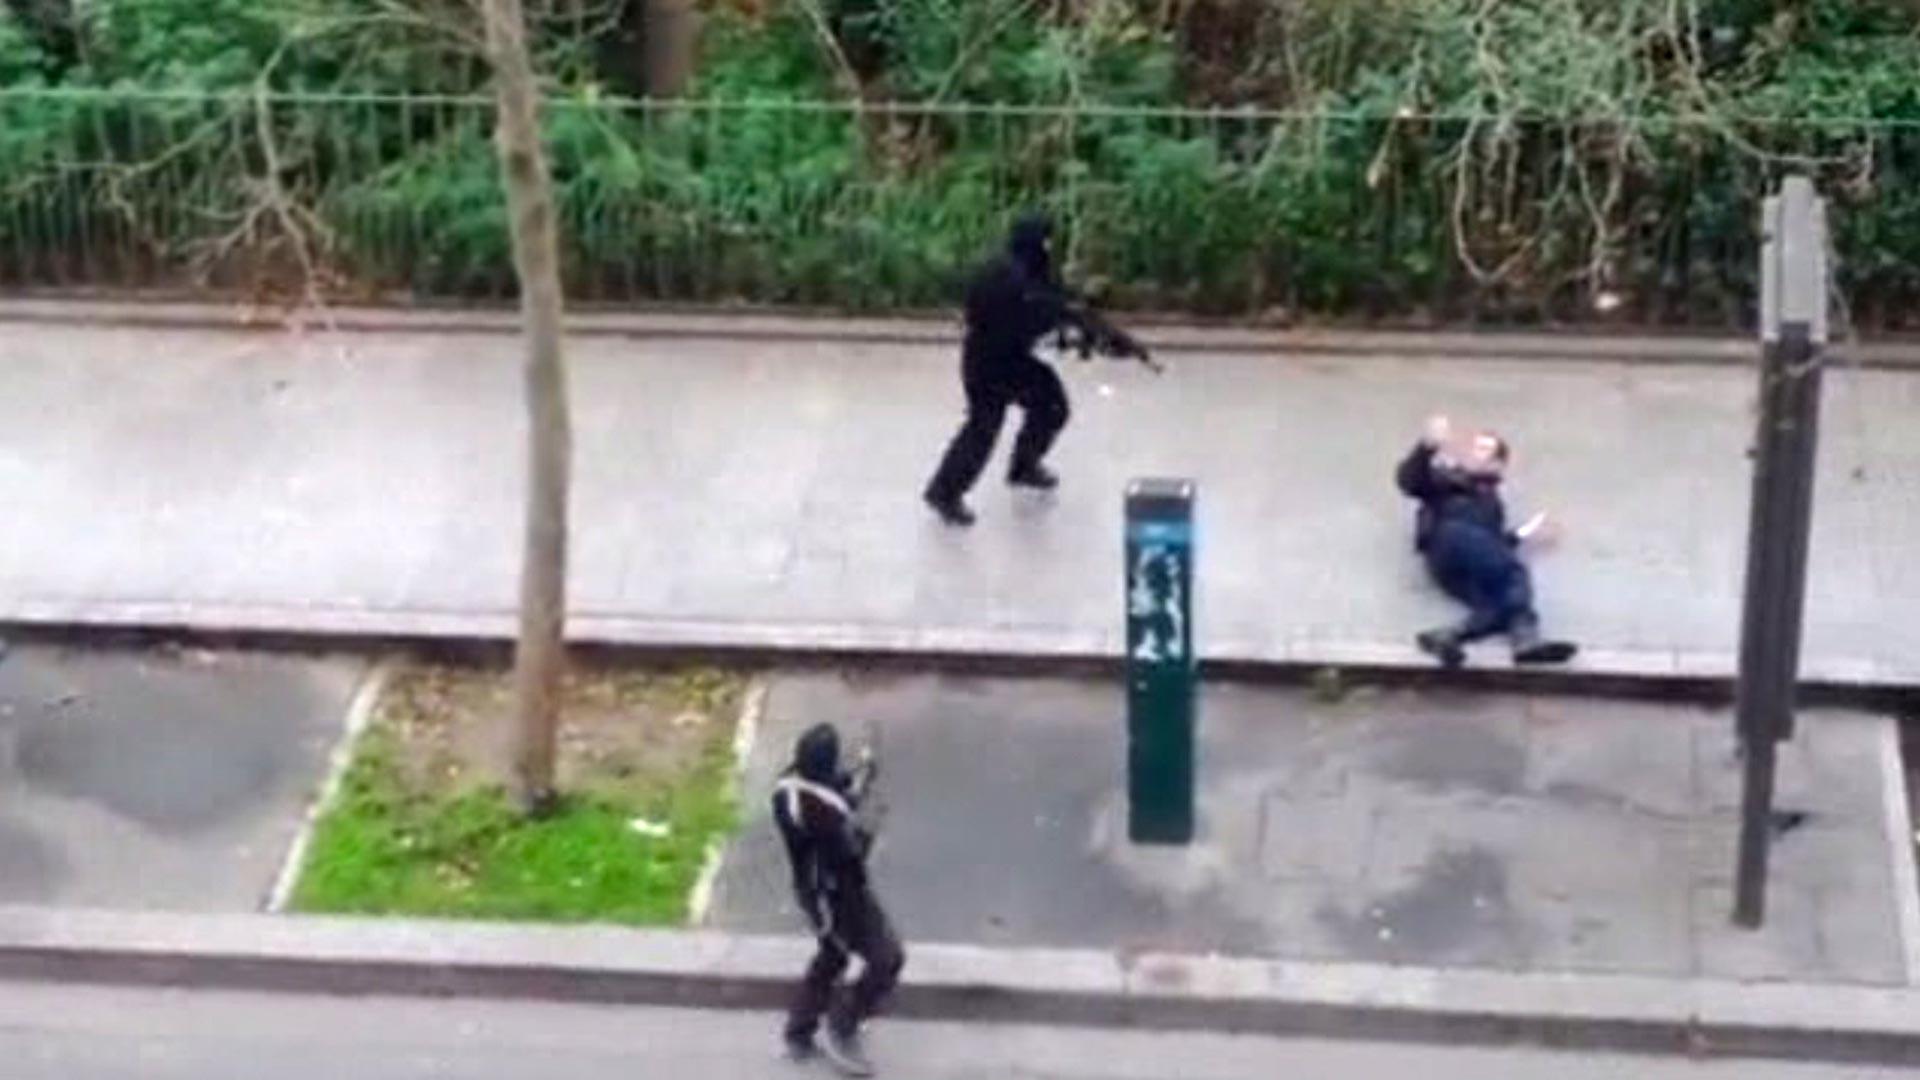 La masacre de Charlie Hebdo, en 2015, inauguró una seguidilla de terror en Europa